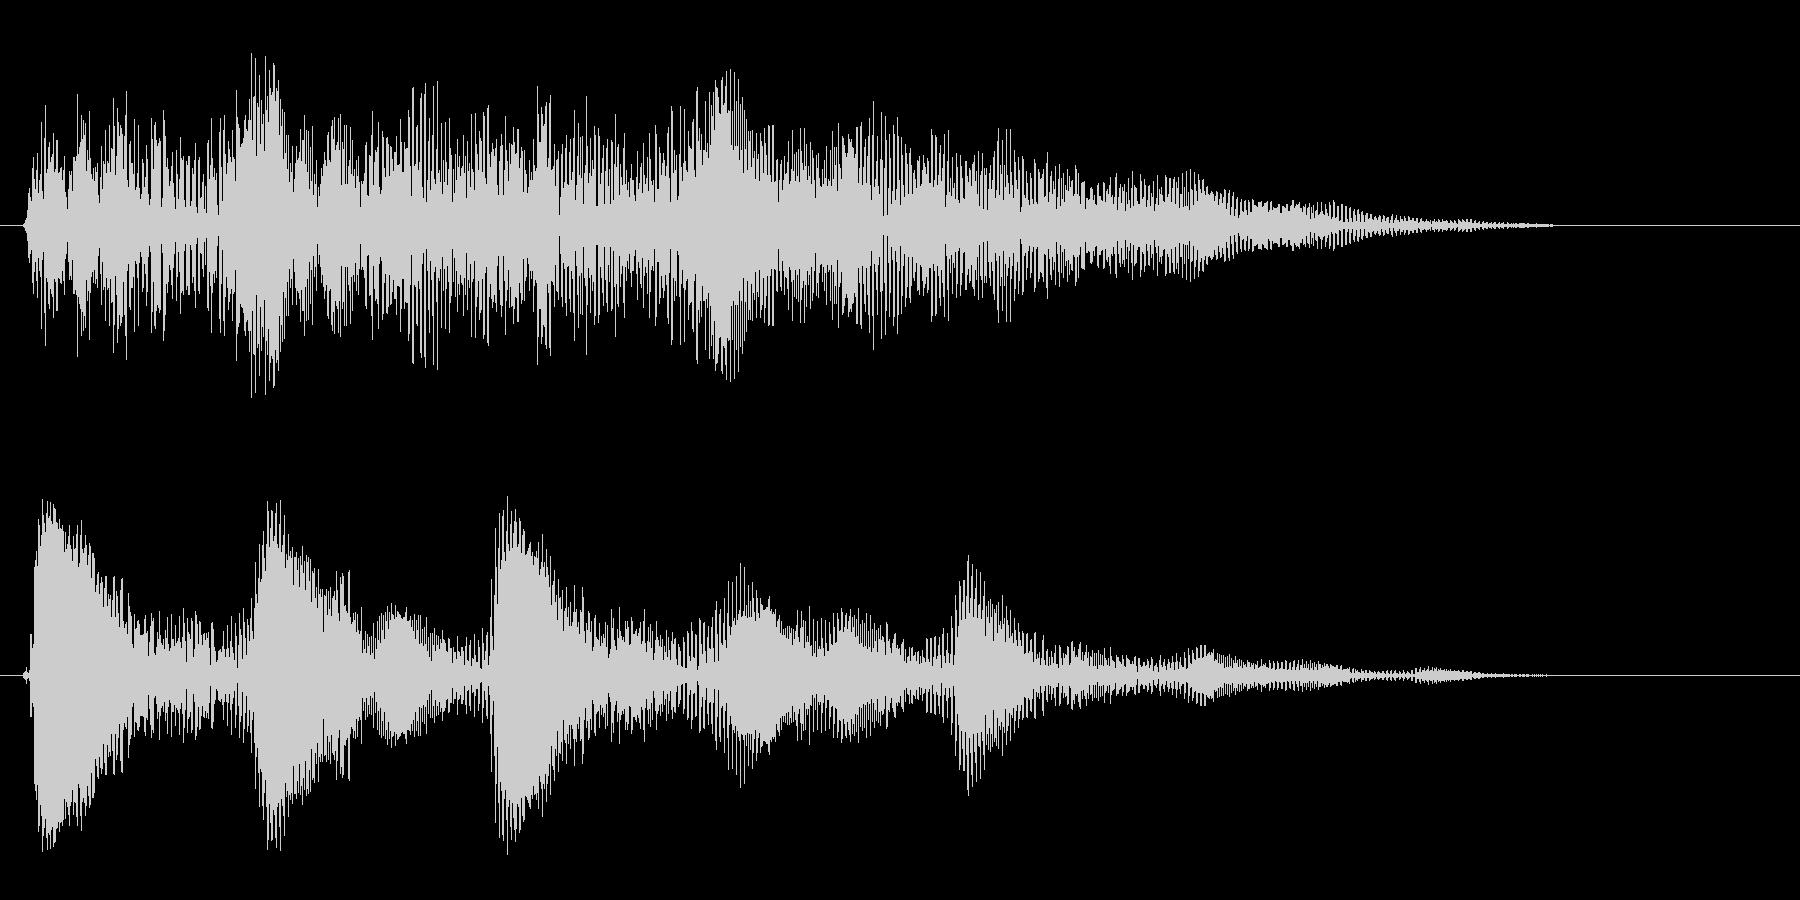 ポポポポポ〜ン(連打音)の未再生の波形